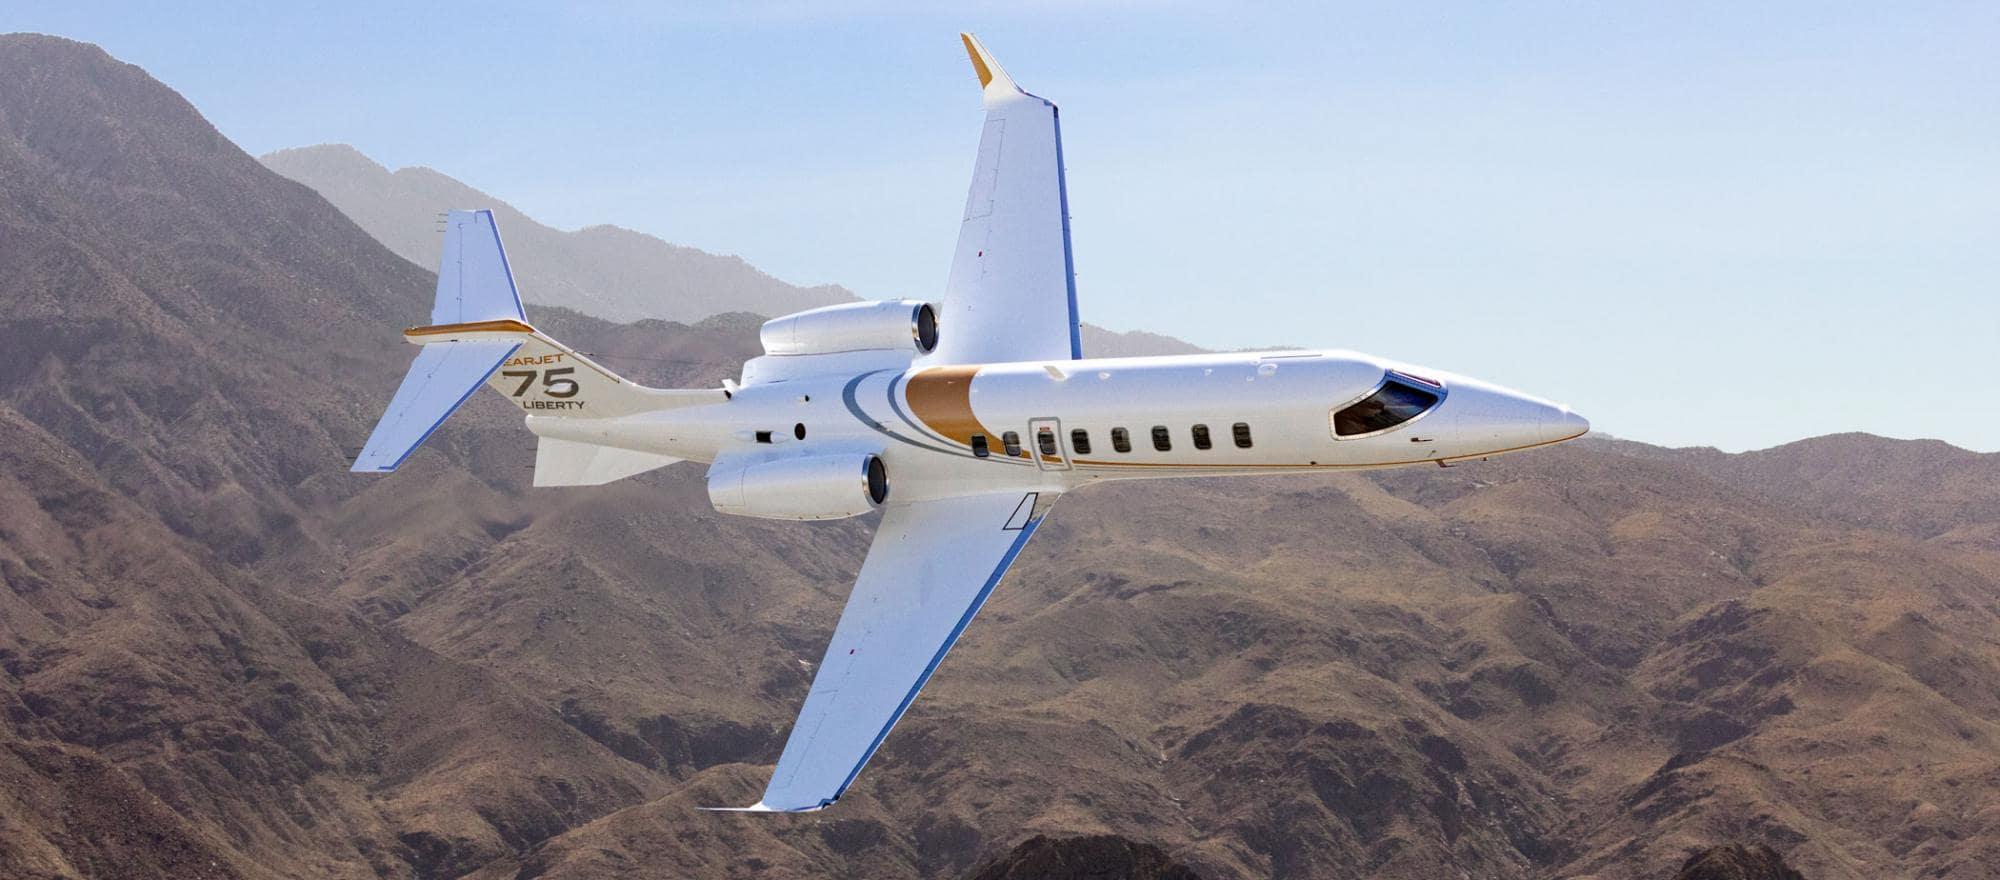 Le Bombardier Learjet 75 Liberty en vol au dessus du désert